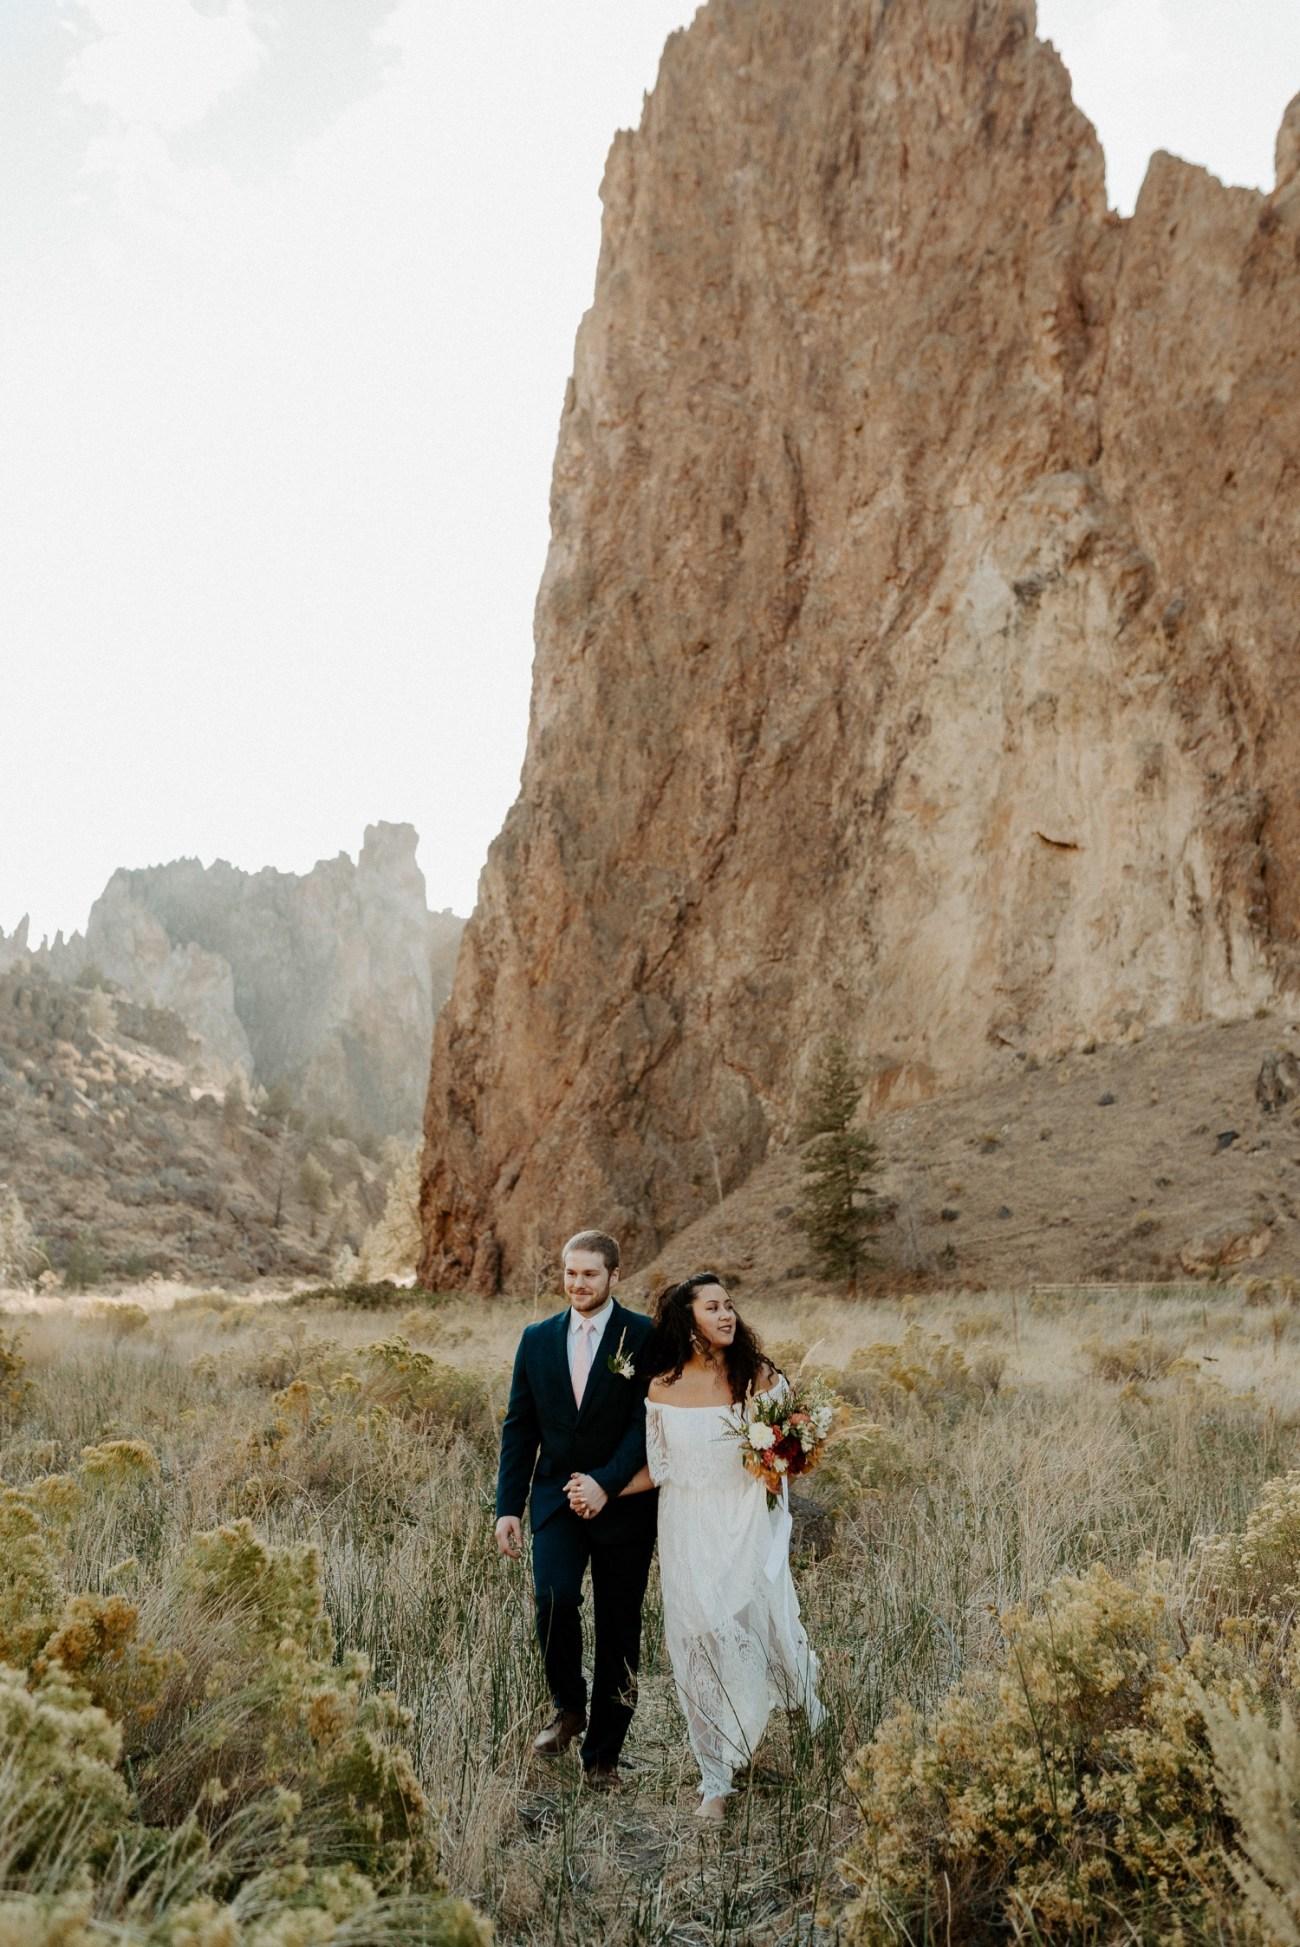 Smith Rock Elopement Bend Elopement Photographer Bend Wedding Photographer Fall Bend Wedding Anais Possamai Photography 011